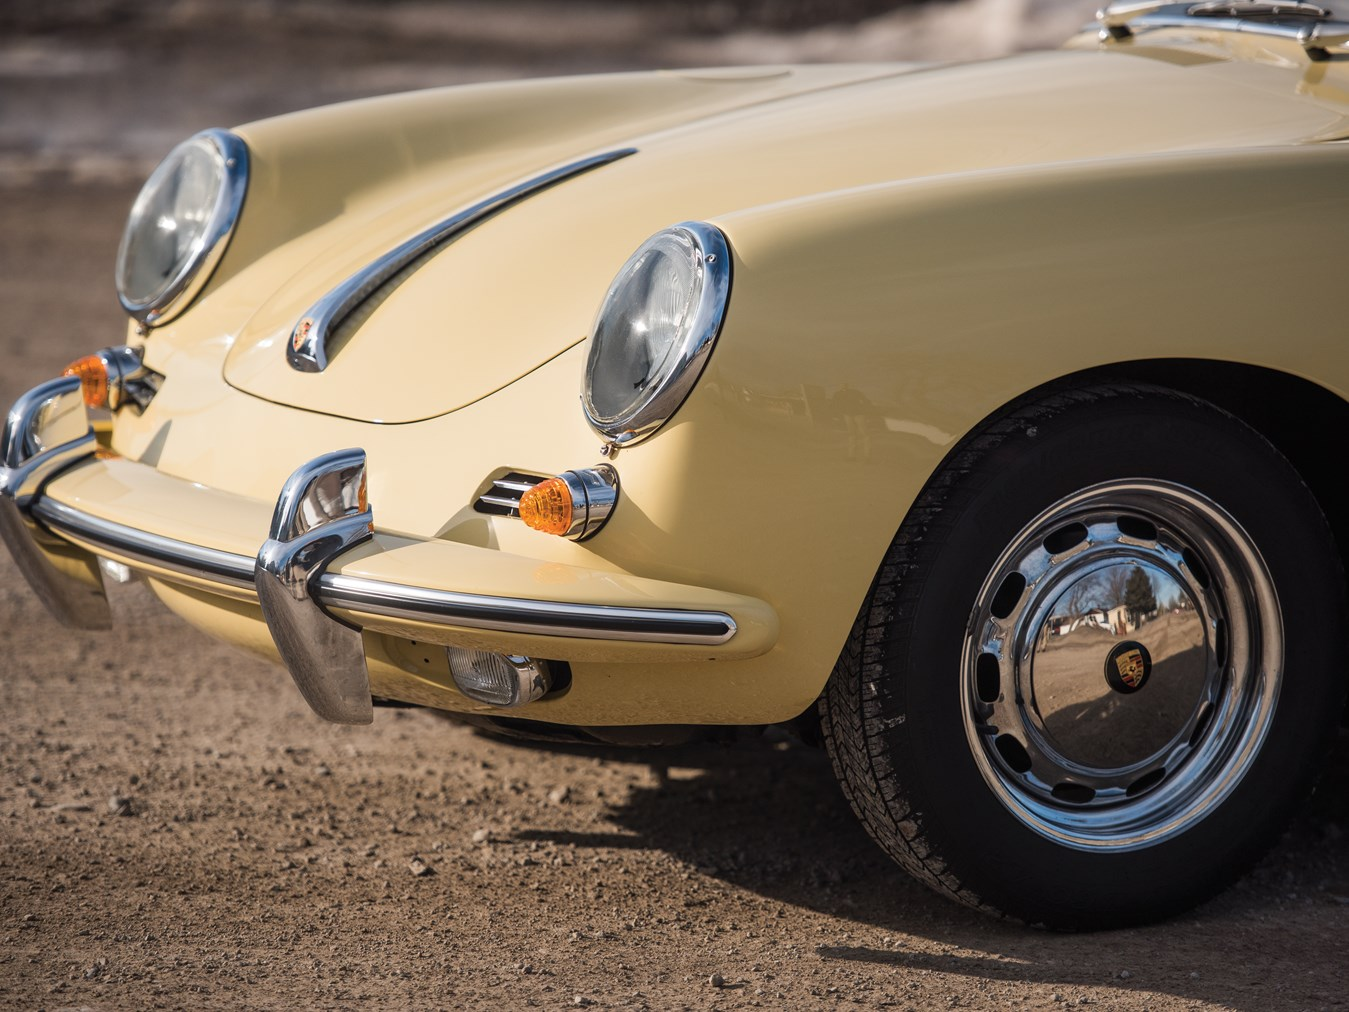 1964 Porsche 356 C 1600 SC 'Sunroof' Coupe by Reutter